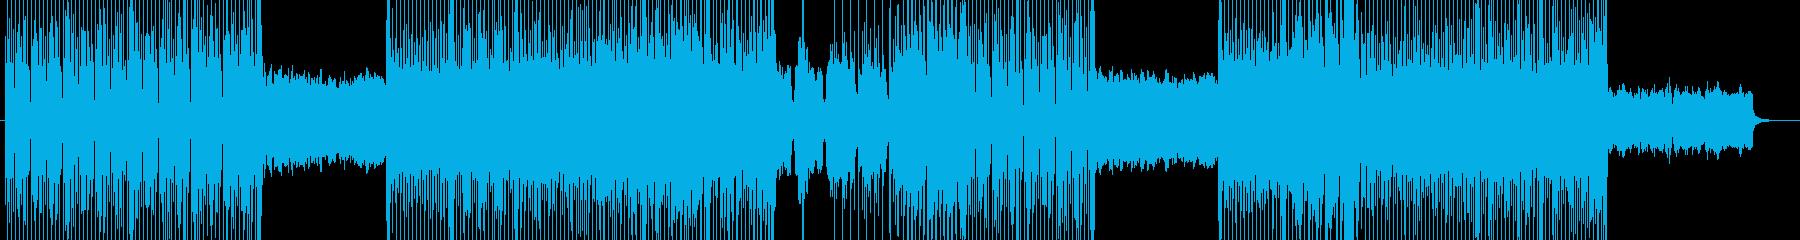 ハードロック、激しい、悲哀な作曲 295の再生済みの波形